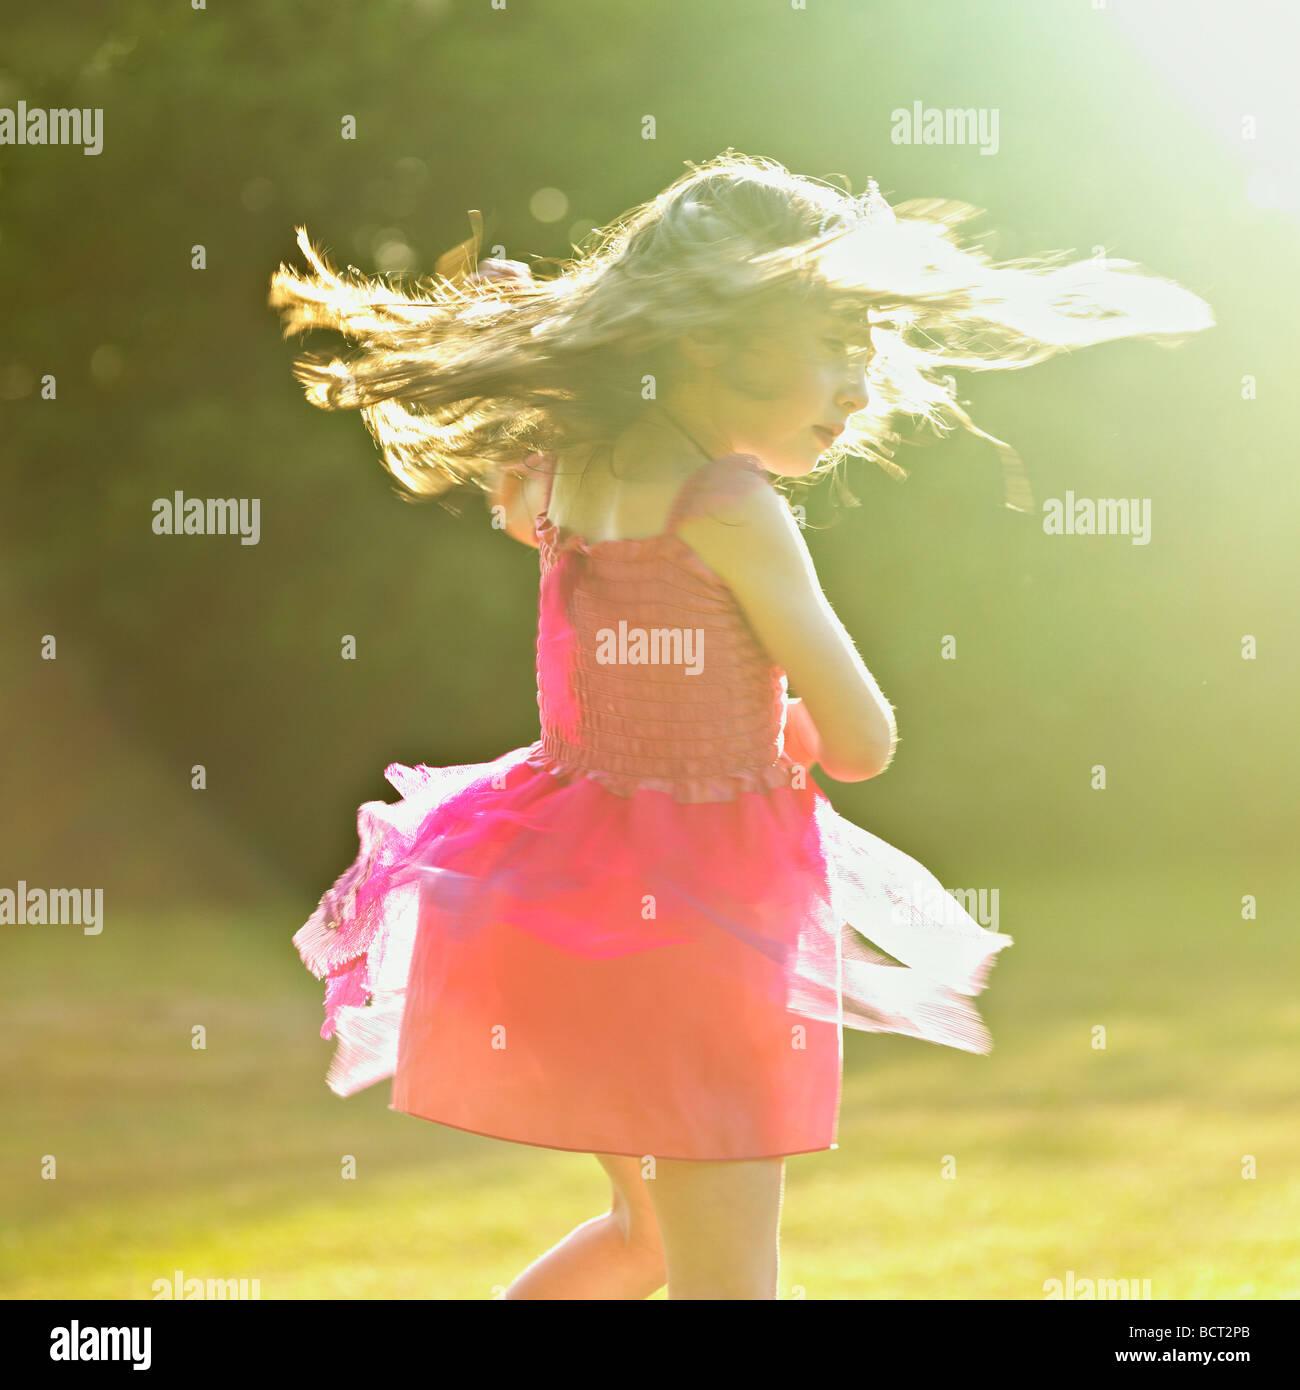 Jeune fille dans une robe rose danser dans le jardin soleil d'été. Photo Stock